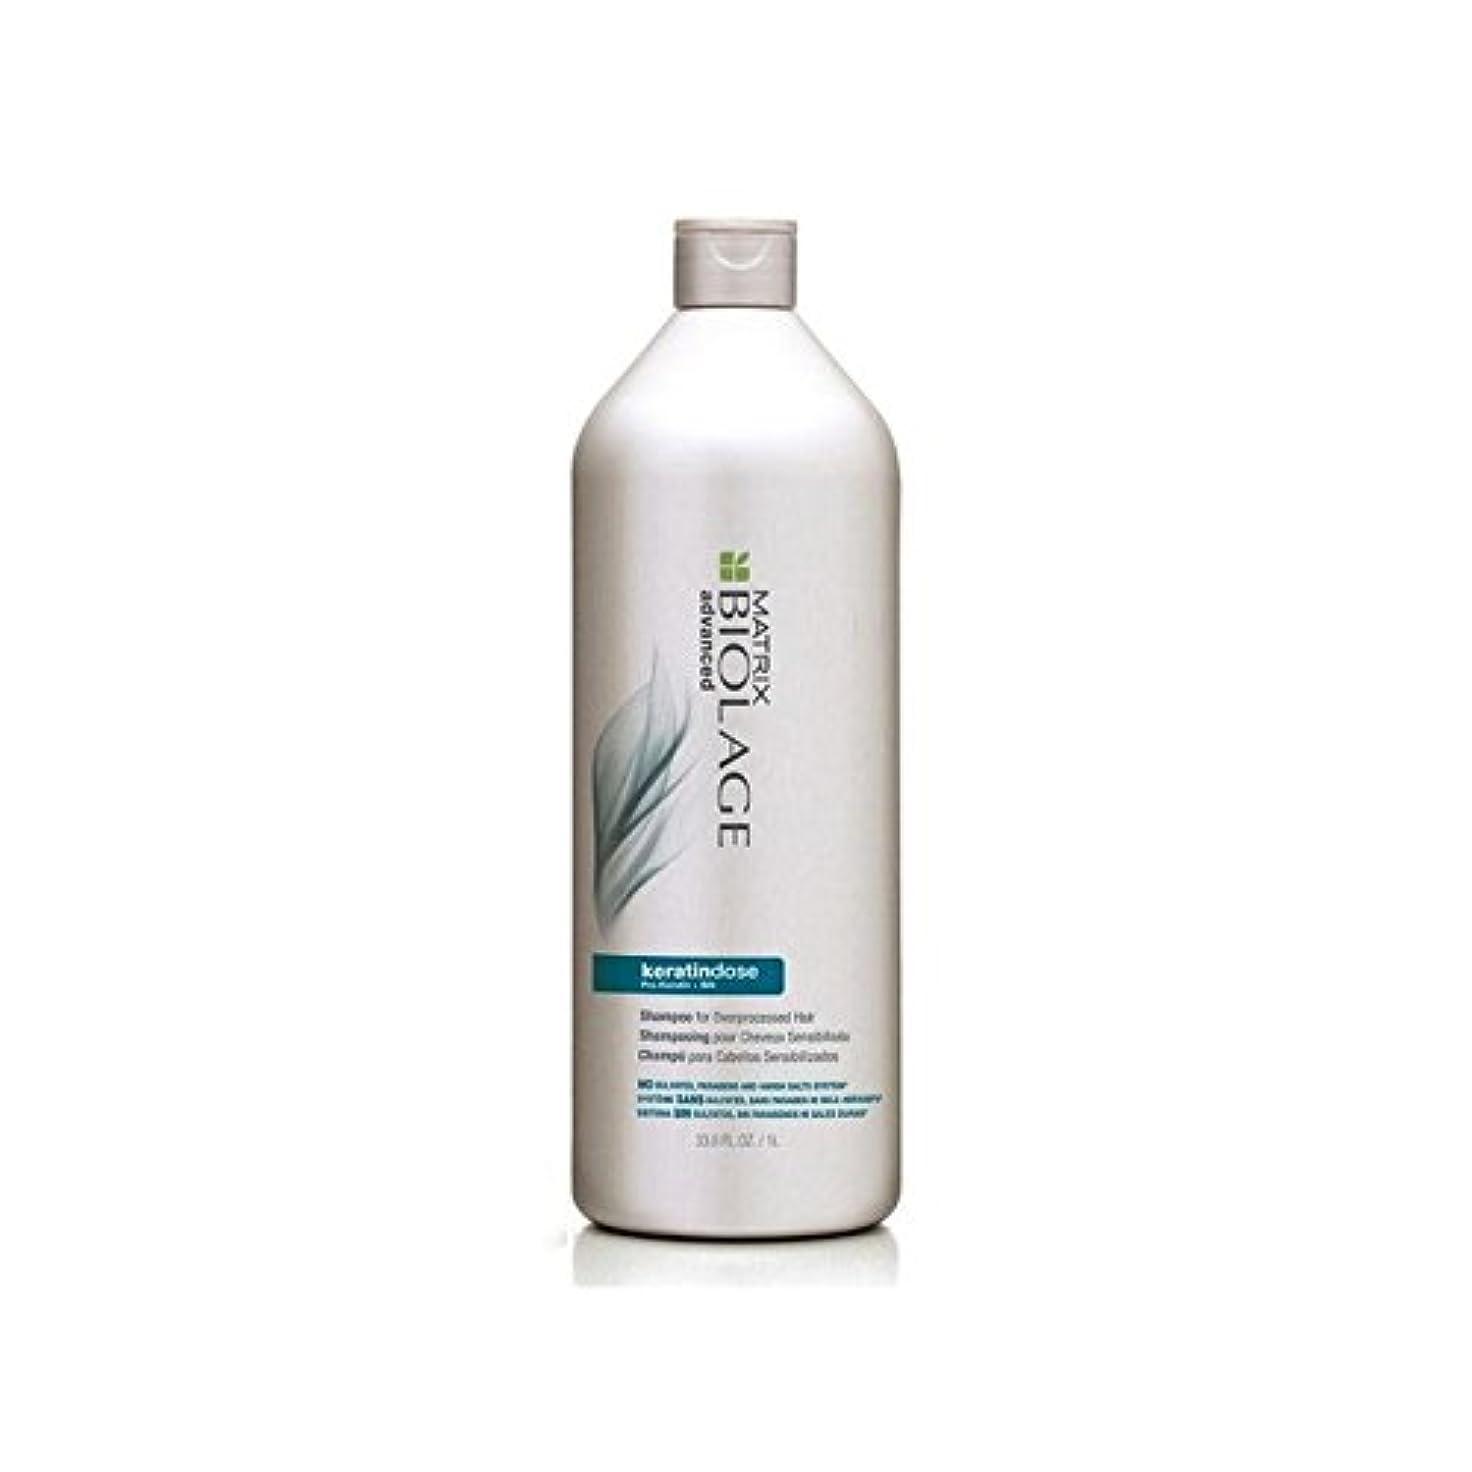 類似性過敏なチョップマトリックスバイオレイジシャンプー(千ミリリットル) x4 - Matrix Biolage Keratindose Shampoo (1000ml) (Pack of 4) [並行輸入品]